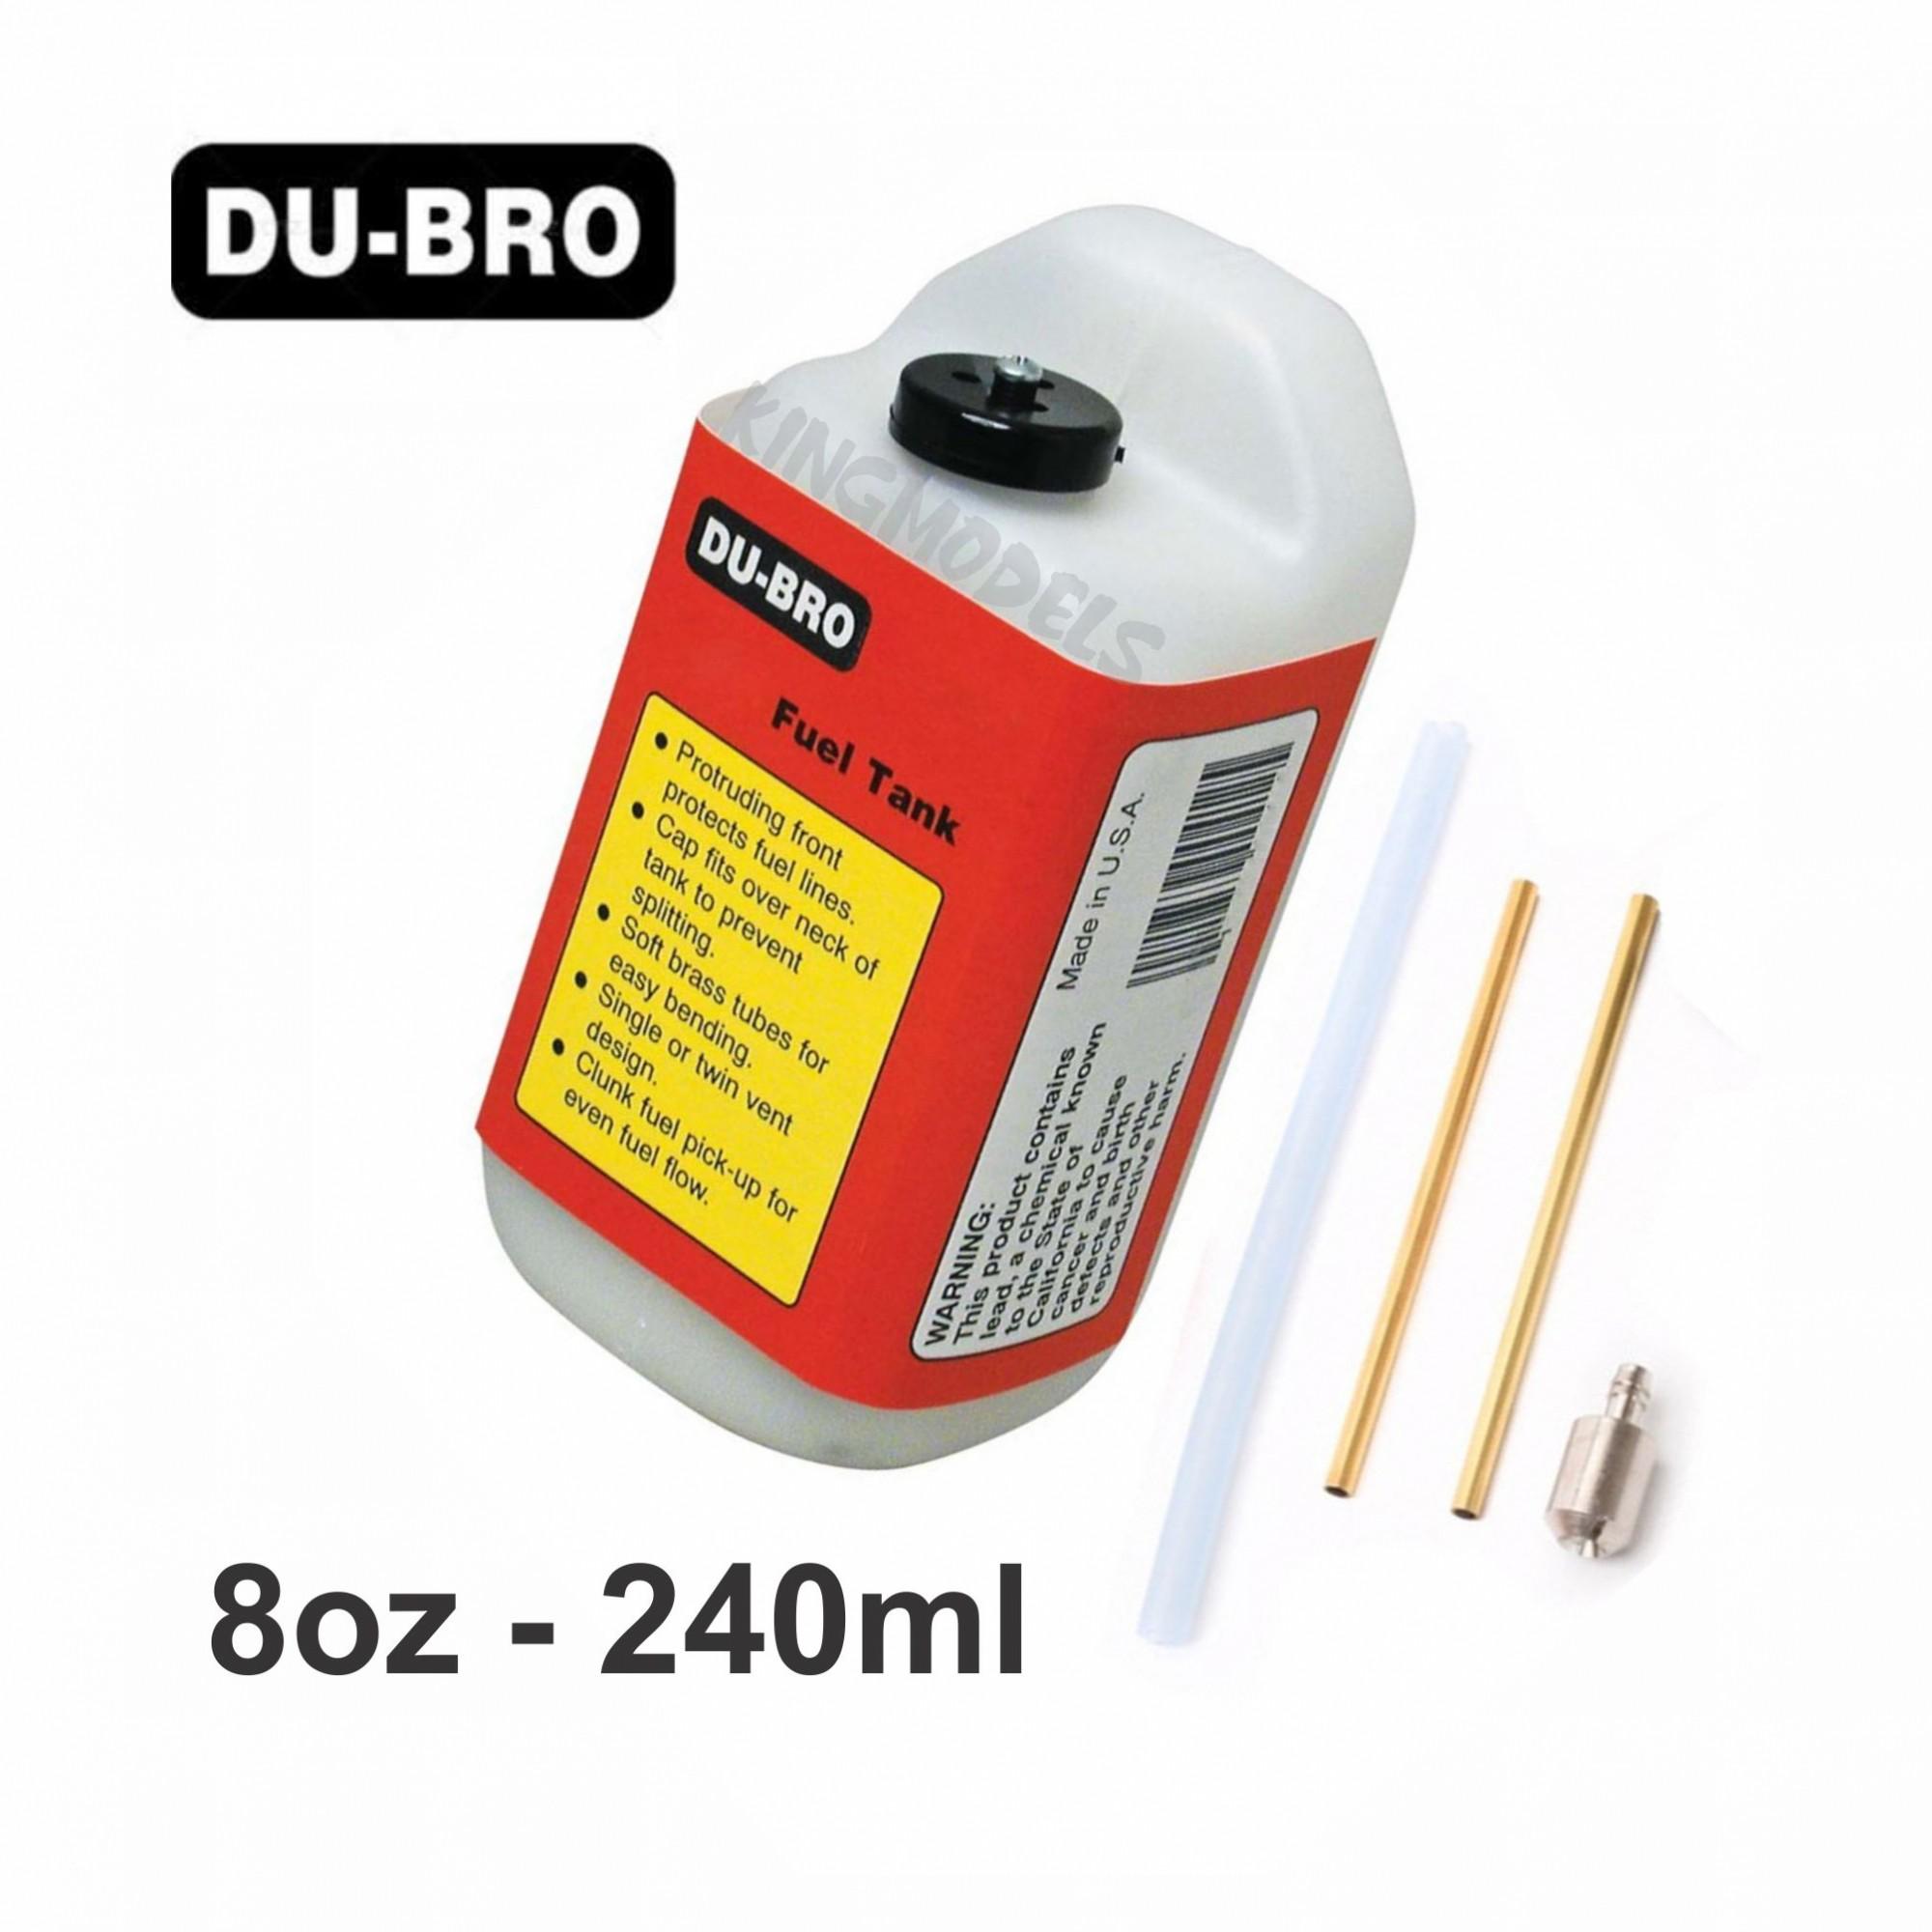 Tanque de Combustível Du-Bro Quadrado - 8oz - 240ml  - King Models